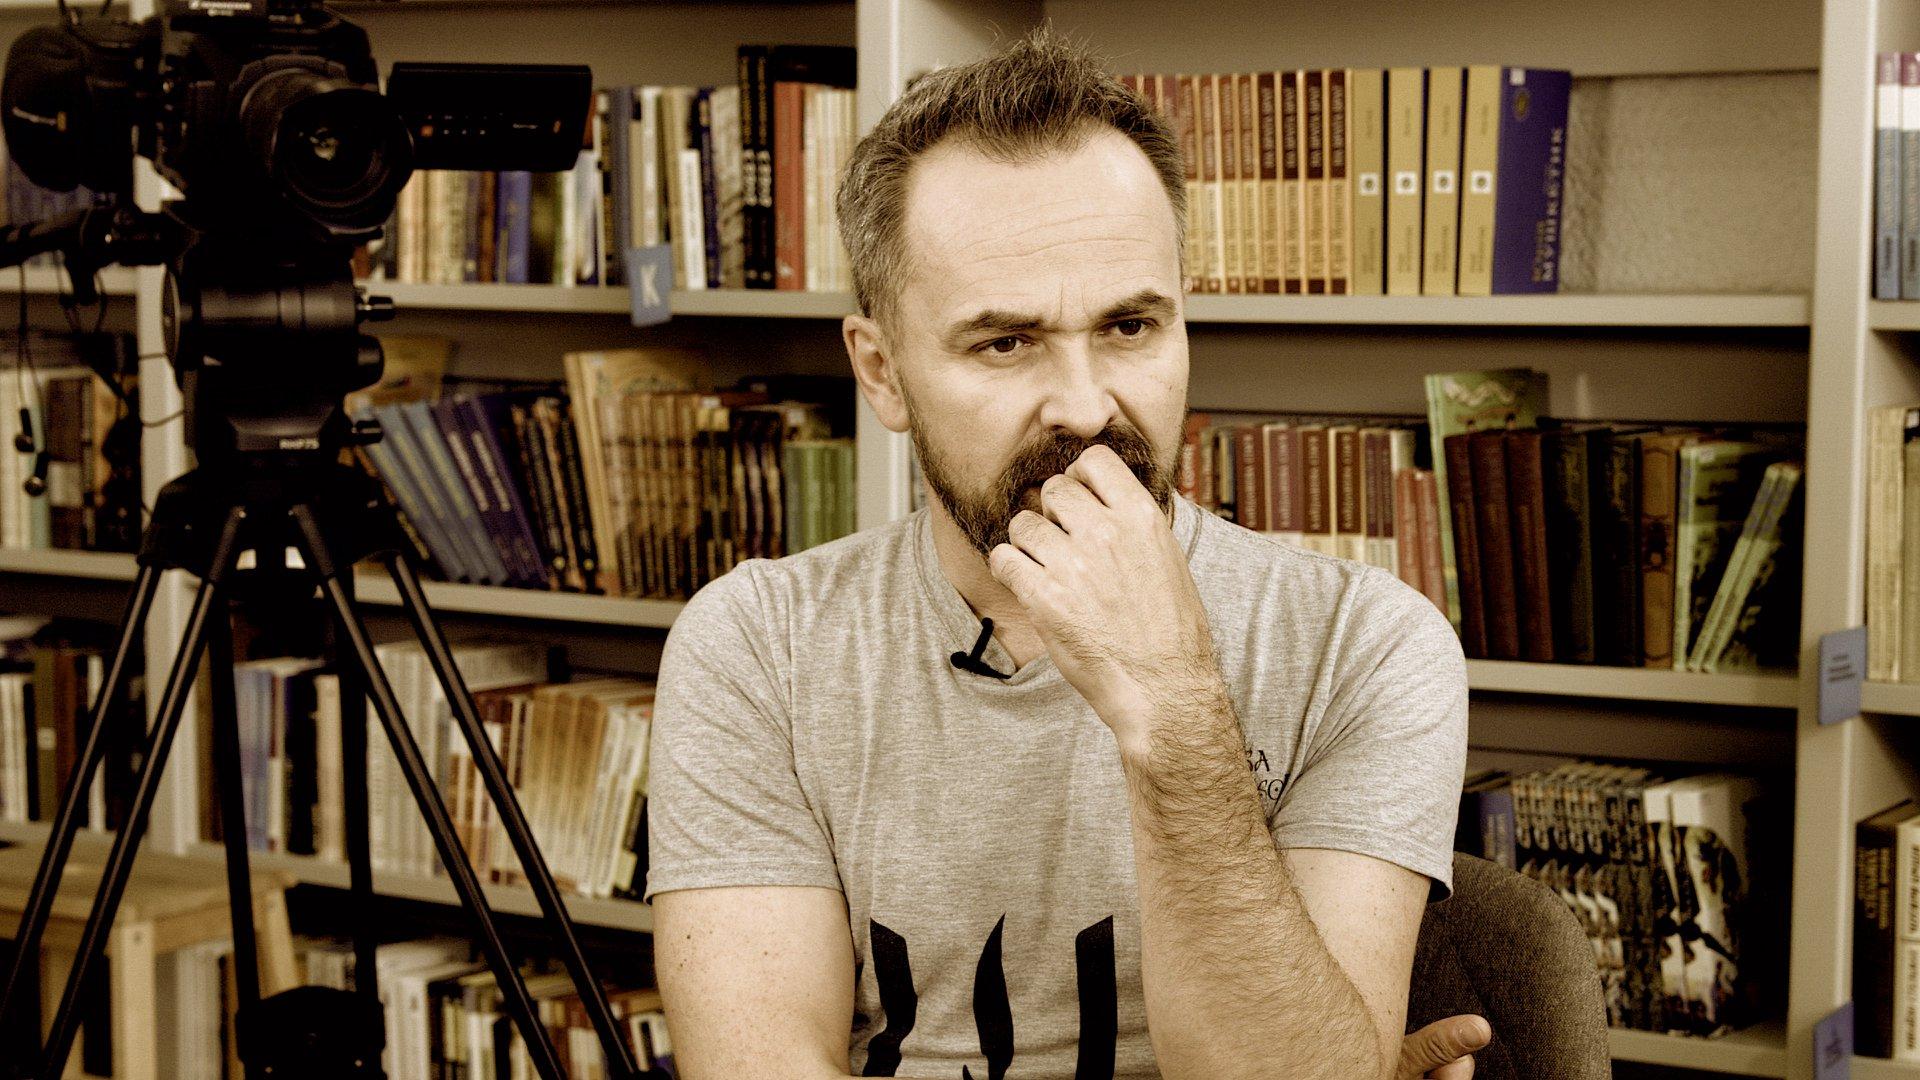 «Почему я должен принять условия, поставленные мне тупыми КВНщиками с мозгами хомяка?» — Андрій Альохін